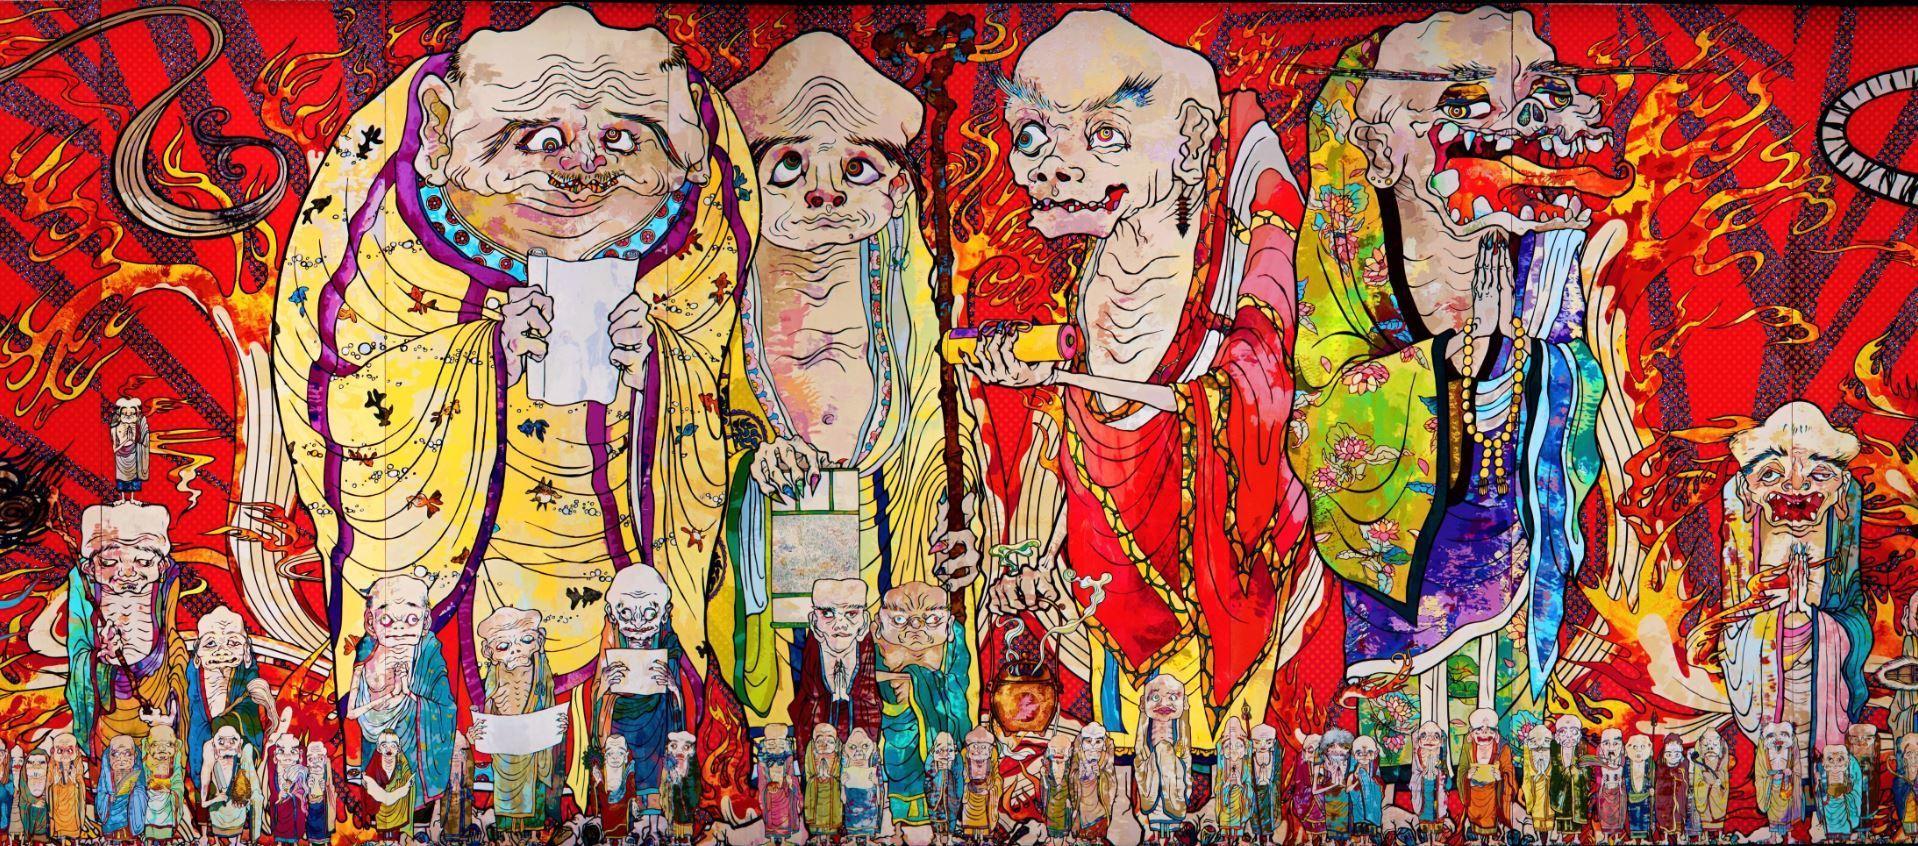 五百羅漢図 (部分)2012年 アクリル、キャンバス、板にマウント 302 x 10,000cm 個人蔵  (c)2012 Takashi Murakami/Kaikai Kiki Co., Ltd. All Rights Reserved.